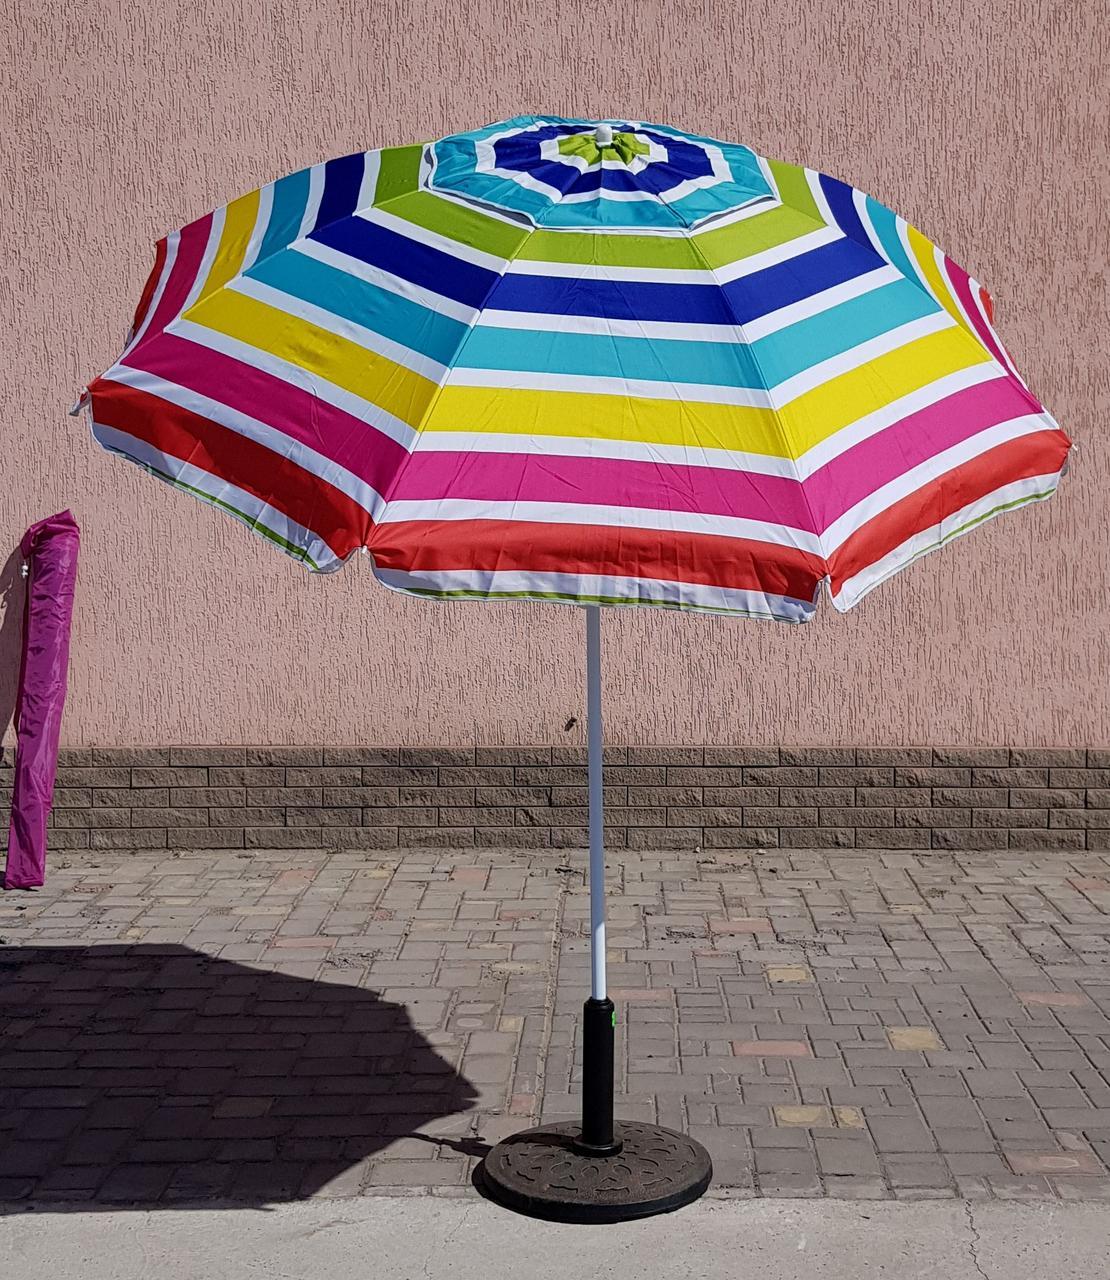 Зонт круглый полосатый, 2м, с наклоном, мод-023w